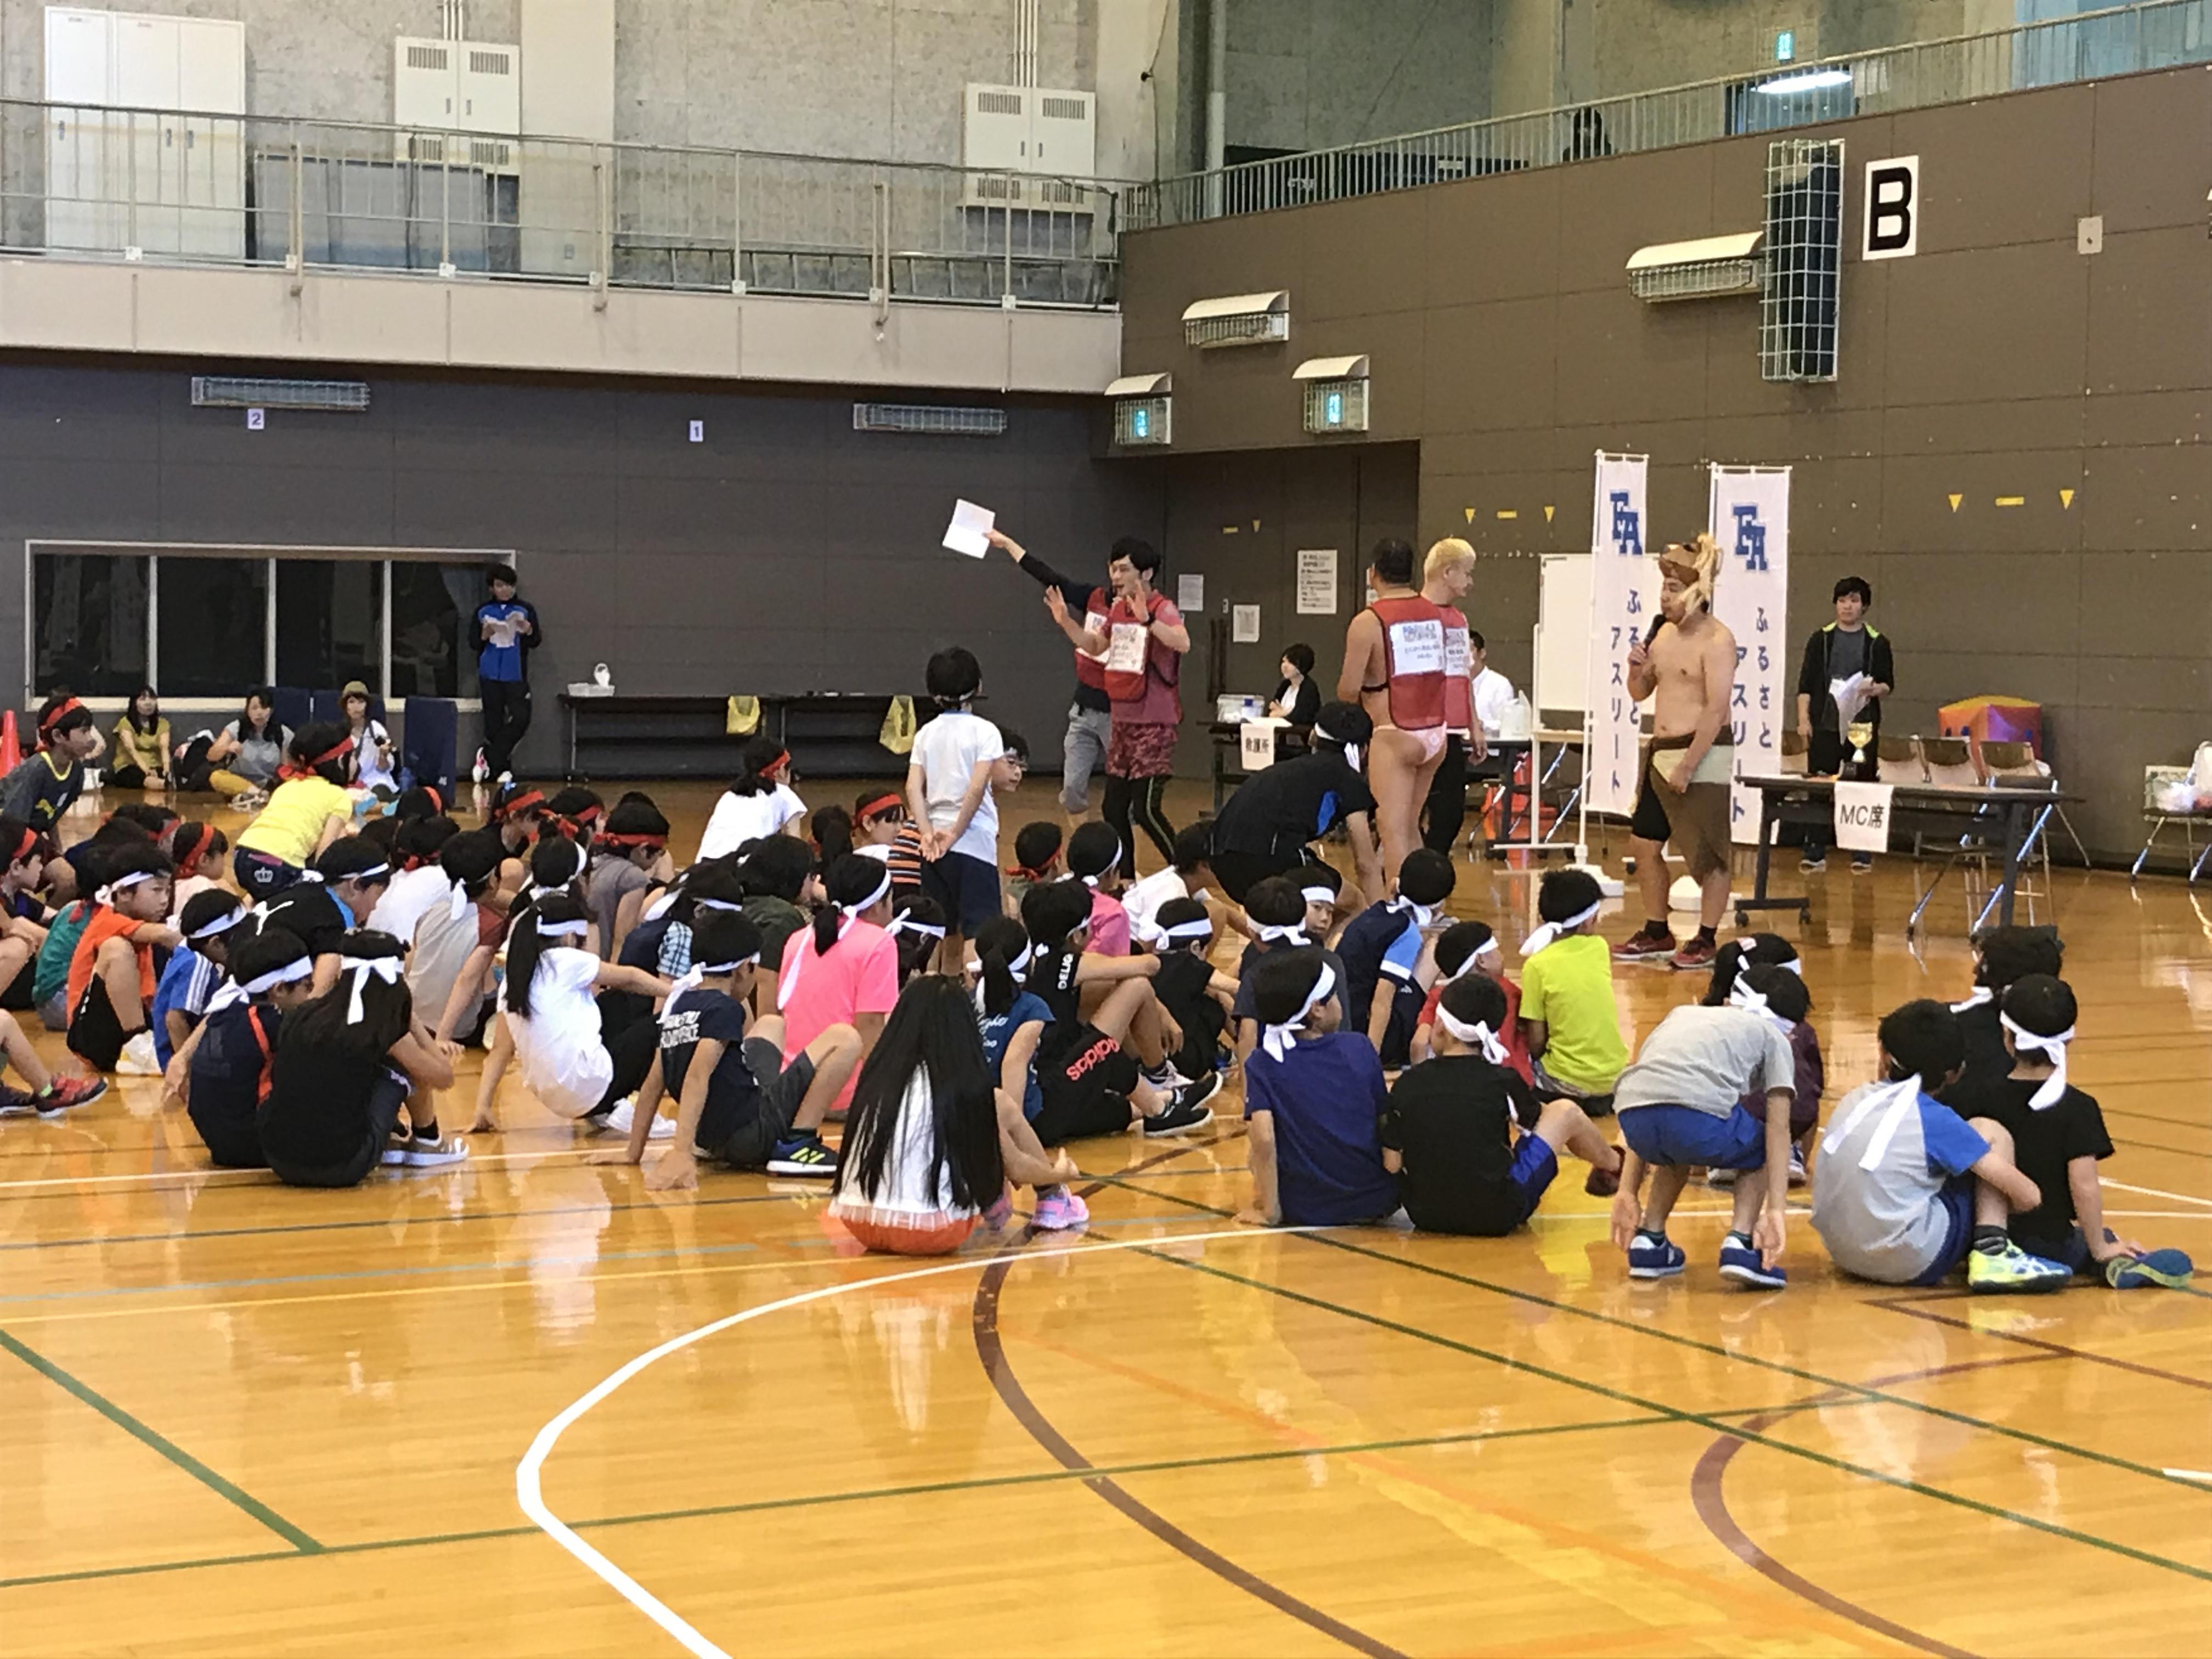 http://news.yoshimoto.co.jp/20180926112101-b2c9ddf9da9d21e8c9eef38d910fd264aa9b86d9.jpg